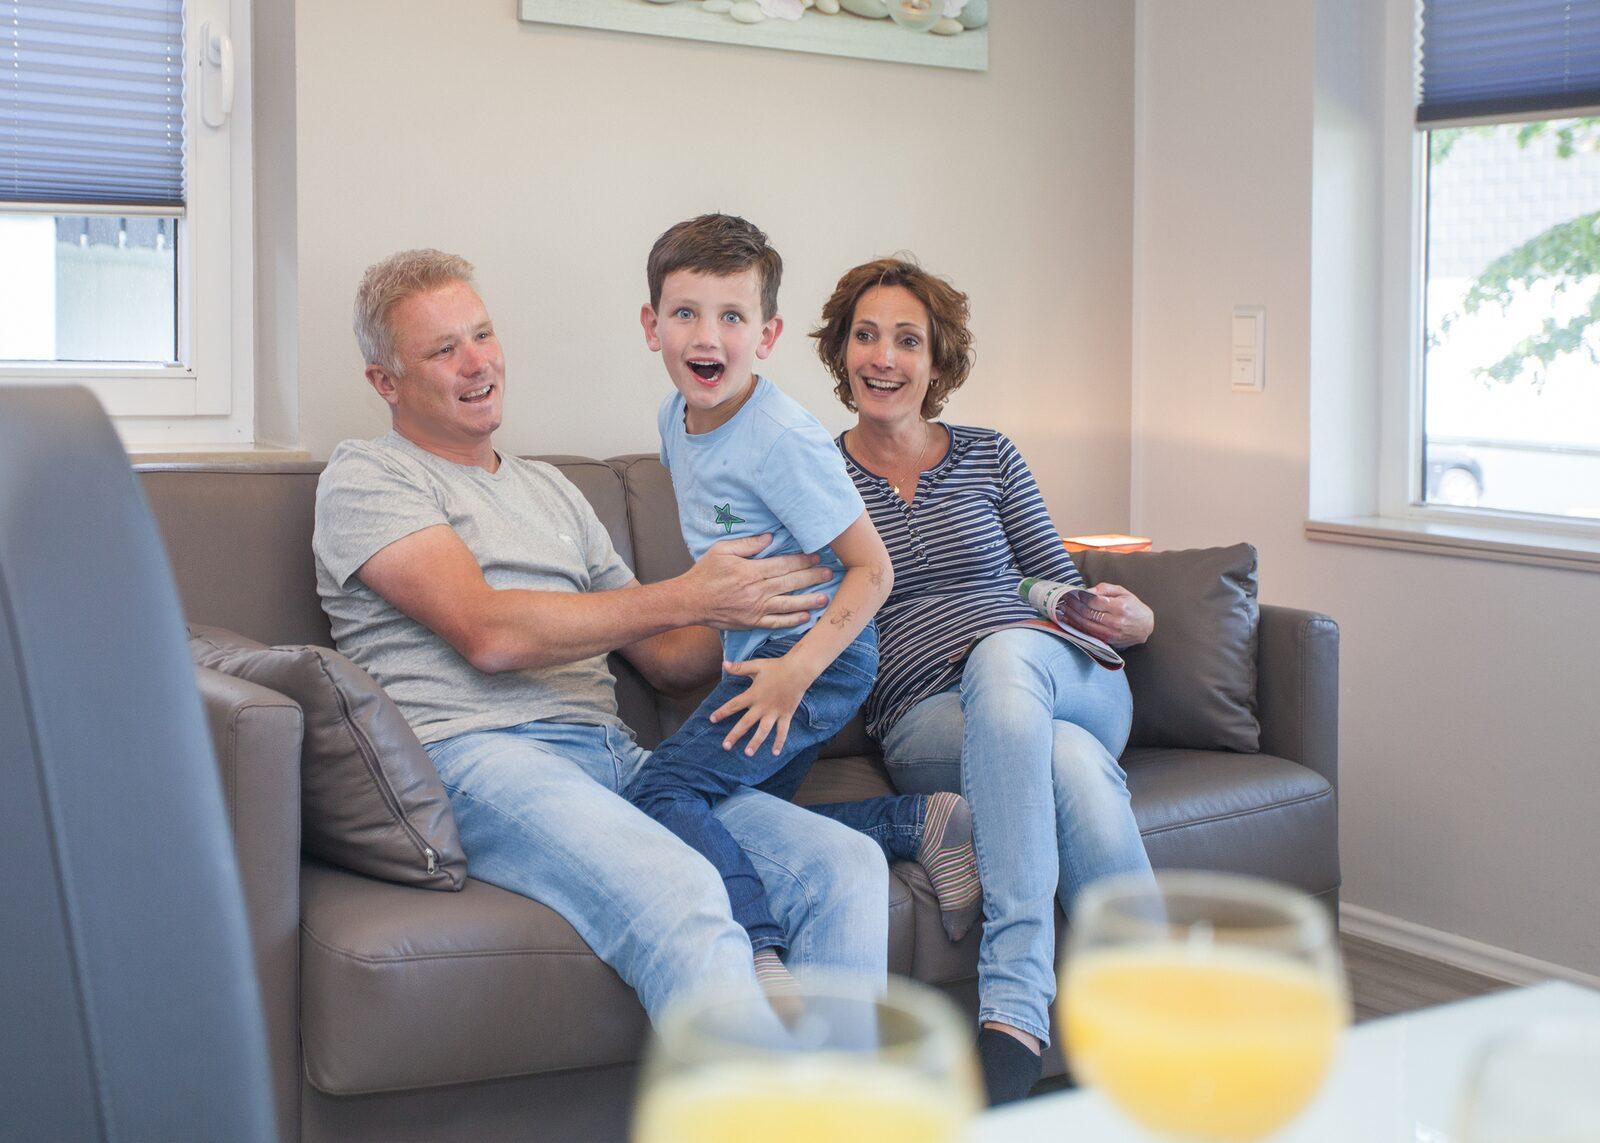 Ferienwohnung - Komfort 4 Personen(z)